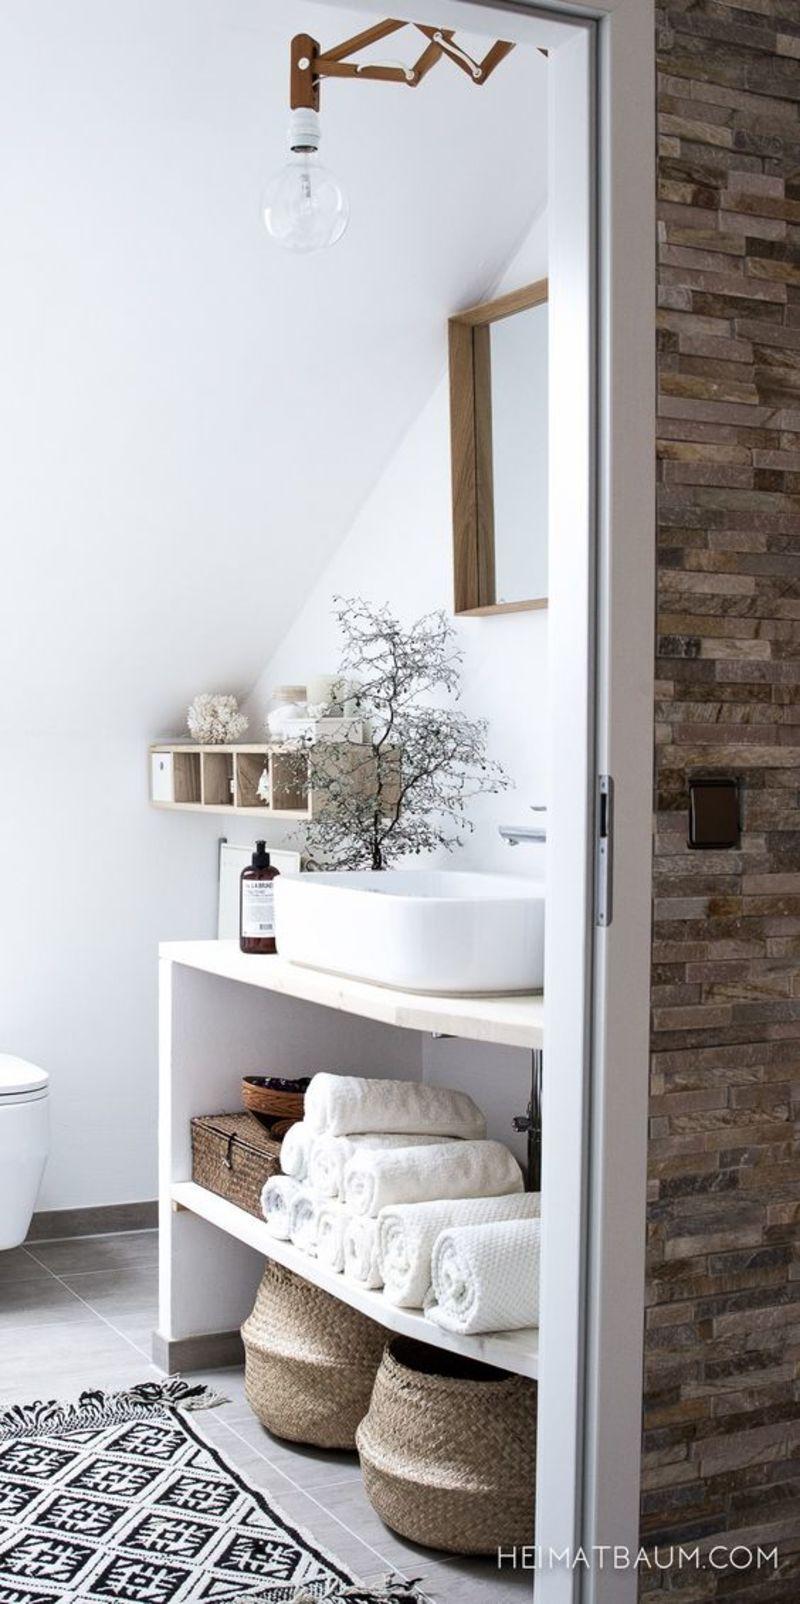 5 astuces pour organiser sa salle de bain deco bathroom scandinavian bathroom et neutral - Organiser sa salle de bain ...